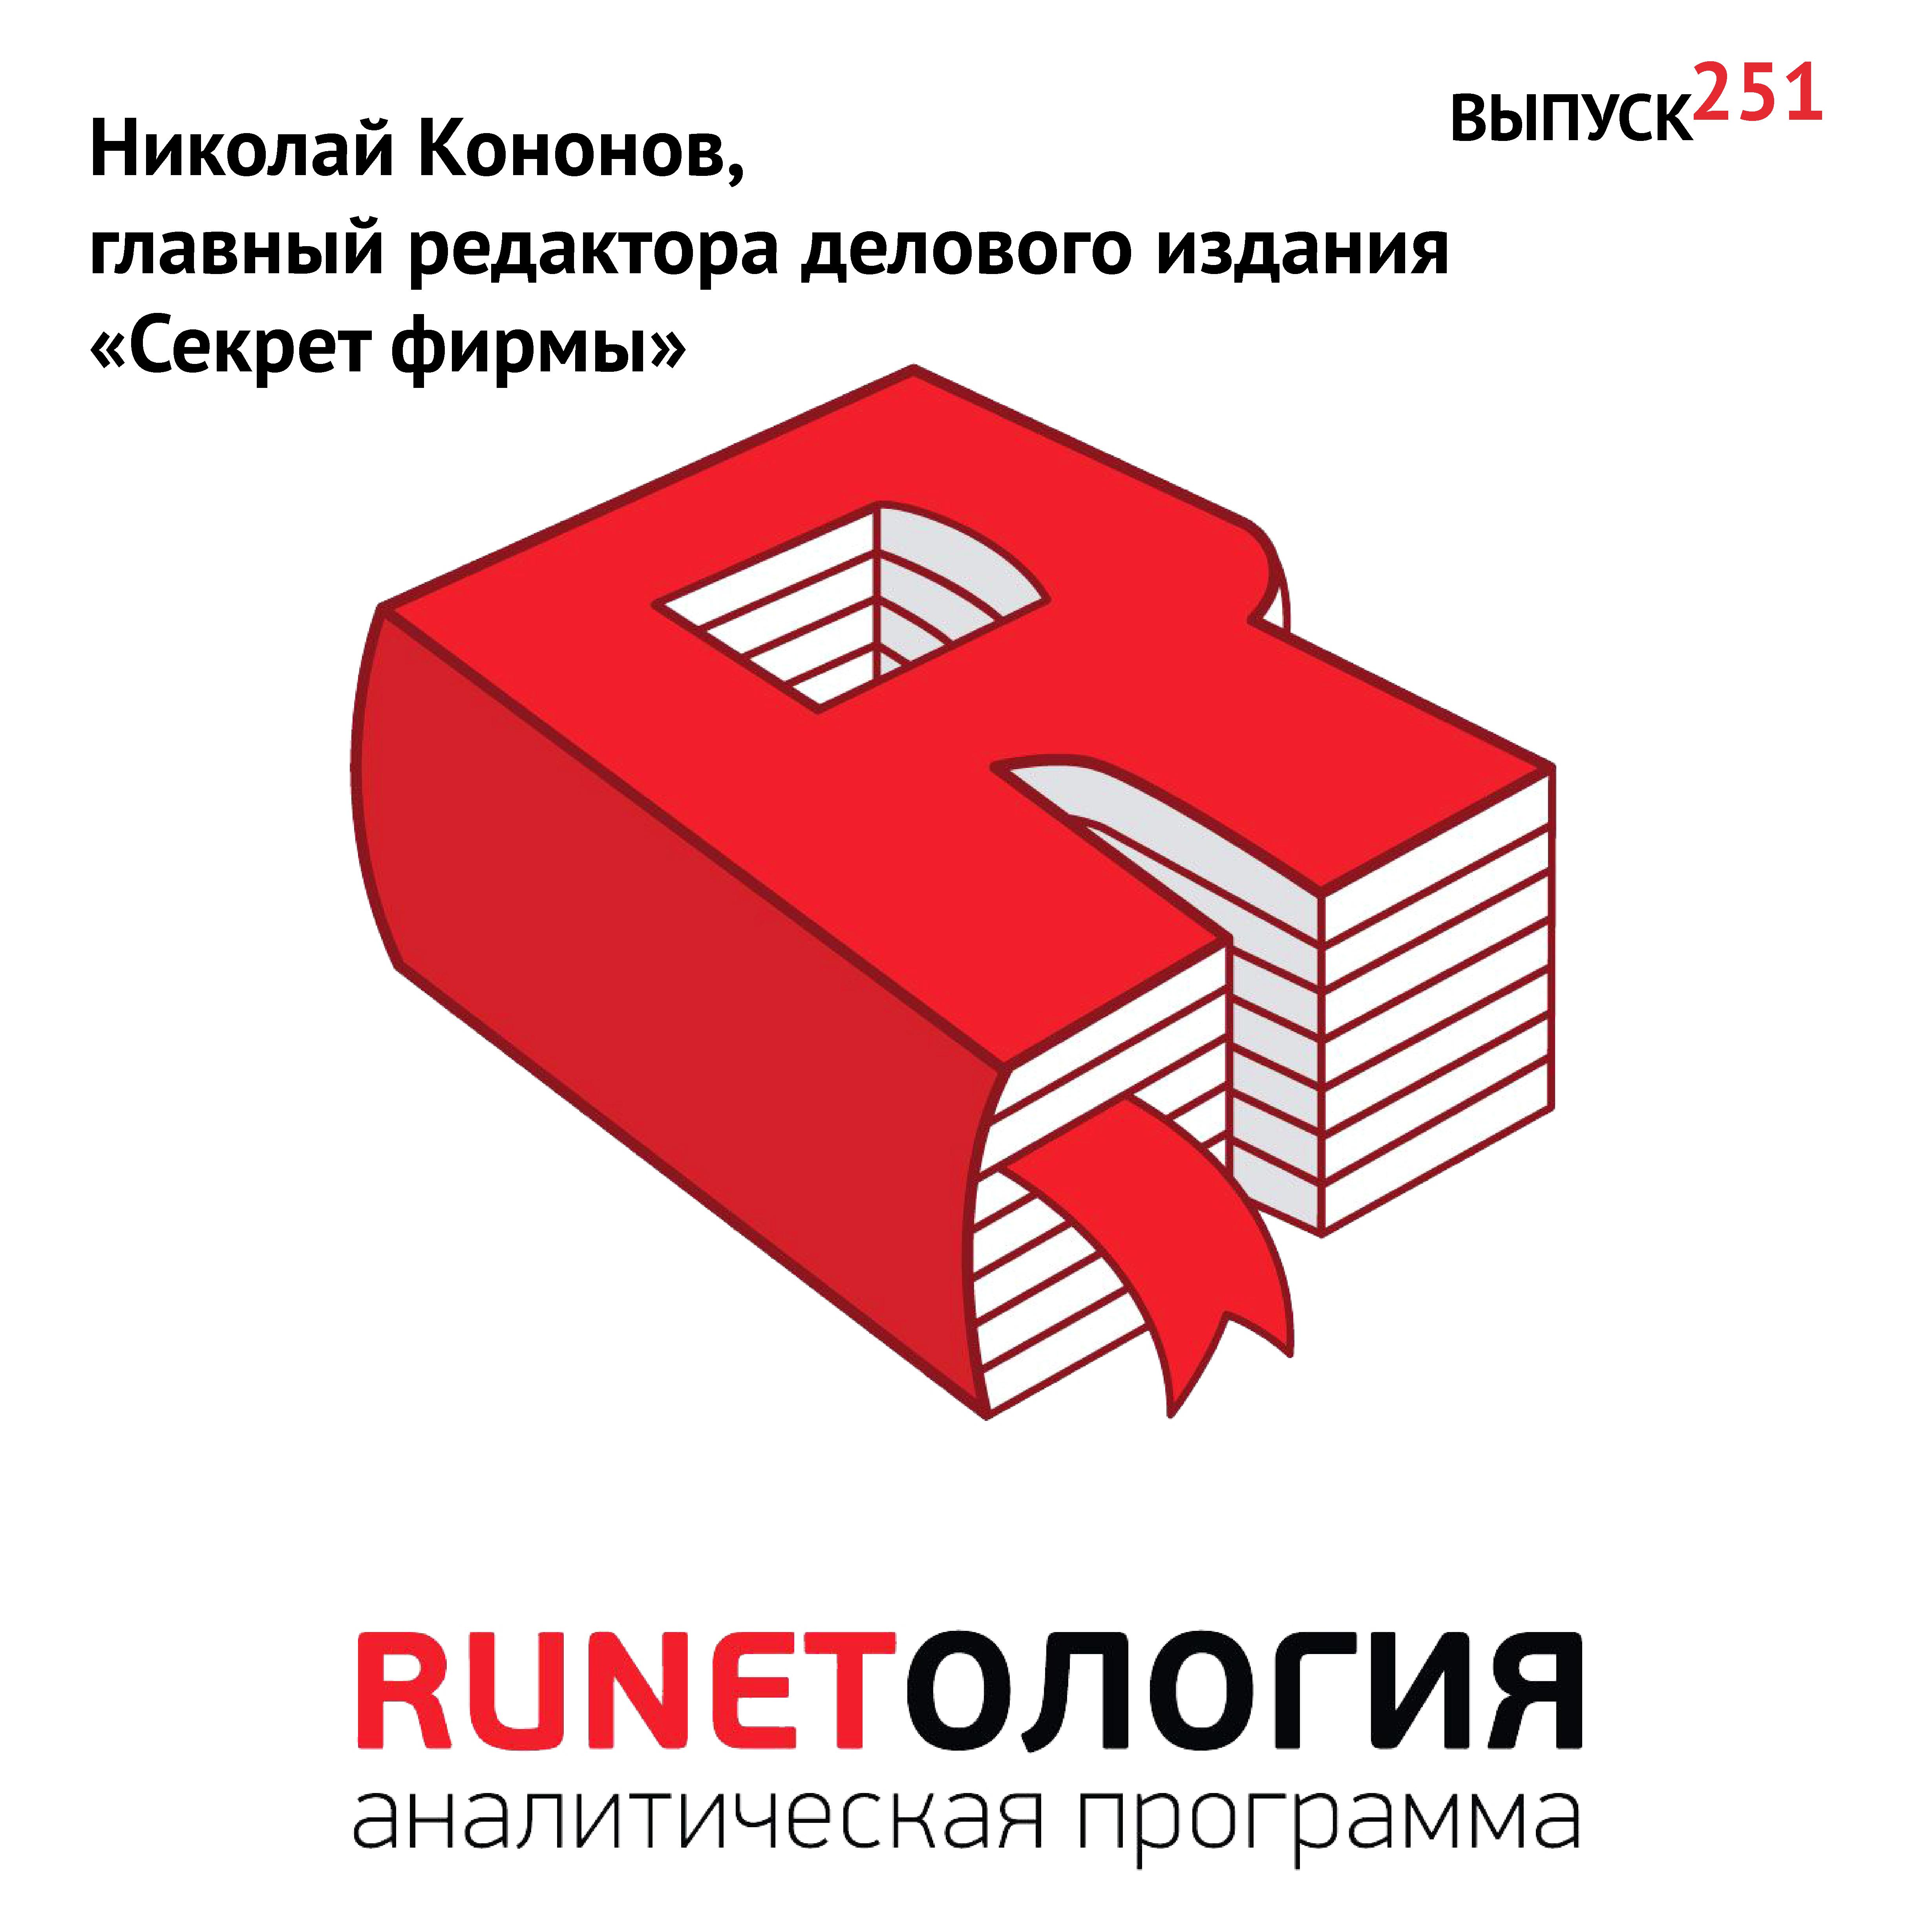 цены Максим Спиридонов Николай Кононов, главный редактора делового издания «Секрет фирмы»